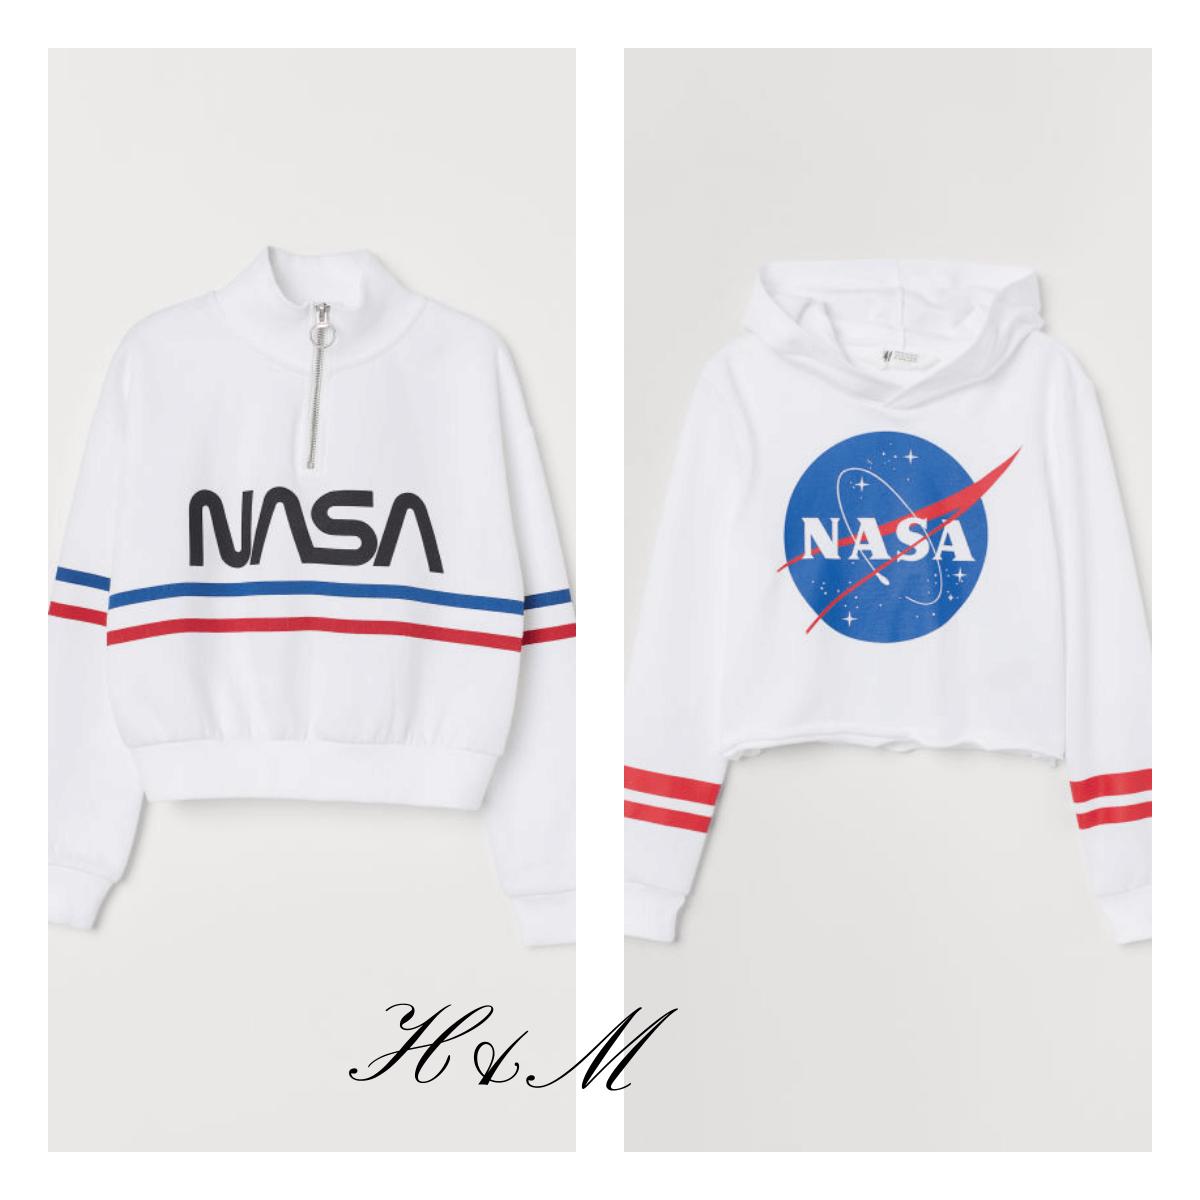 kosmiczna moda NASA